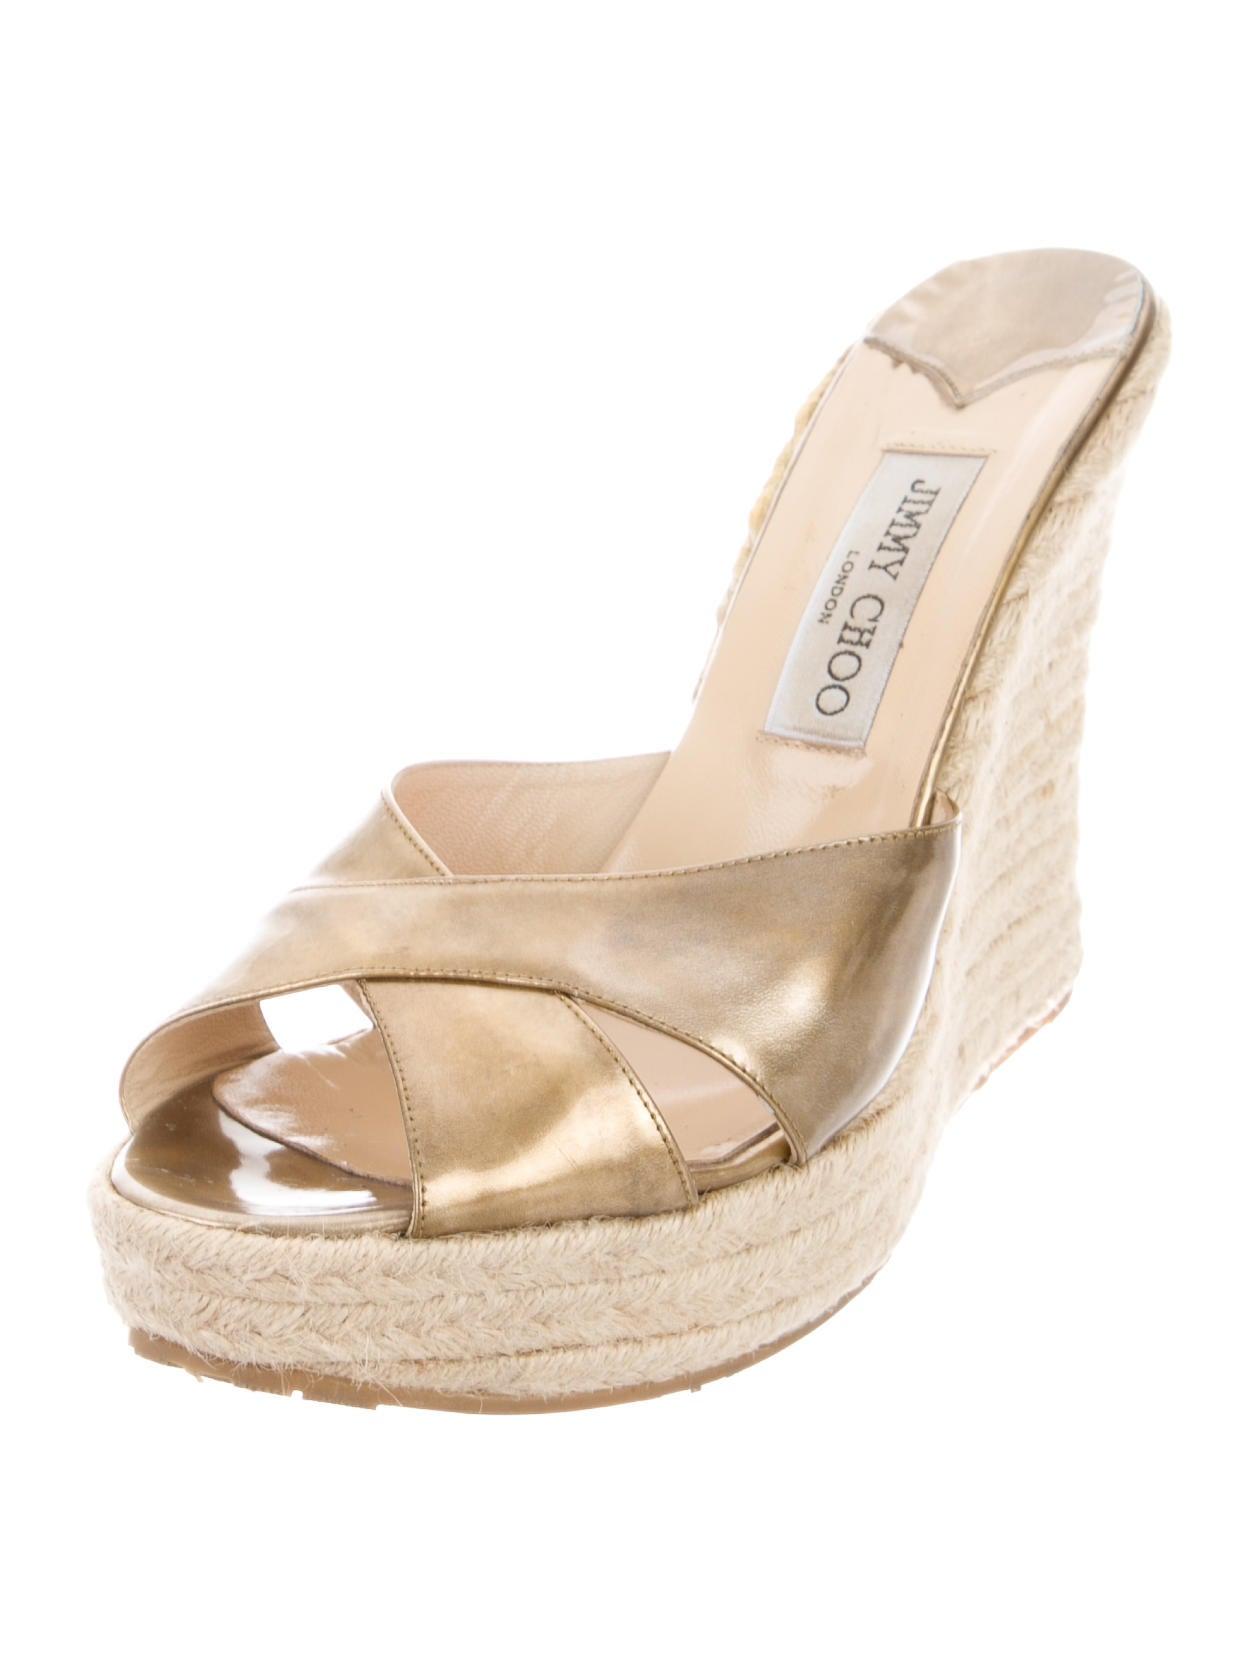 jimmy choo metallic wedge sandals shoes jim67532 the